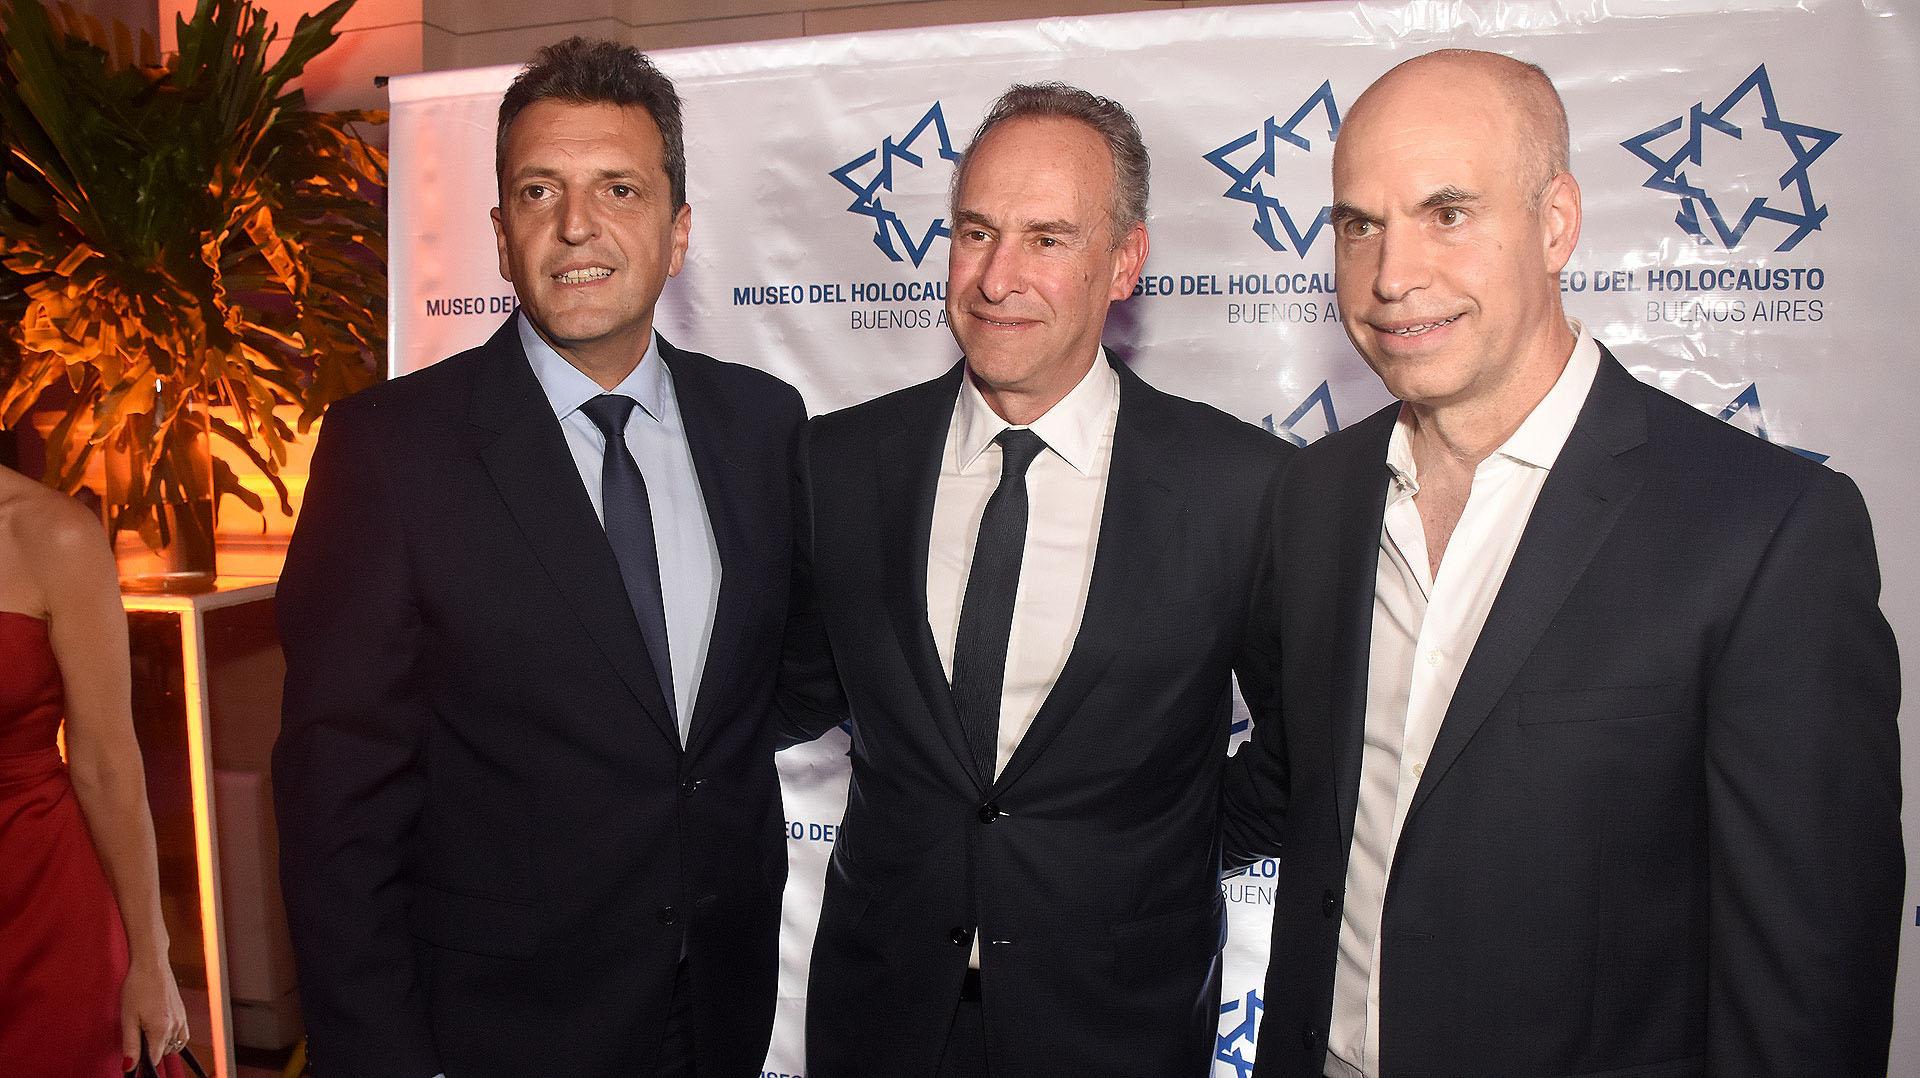 Sergio Massa, Marcelo Mindlin, presidente del Museo del Holocausto, y el jefe de Gobierno porteño, Horacio Rodríguez Larreta